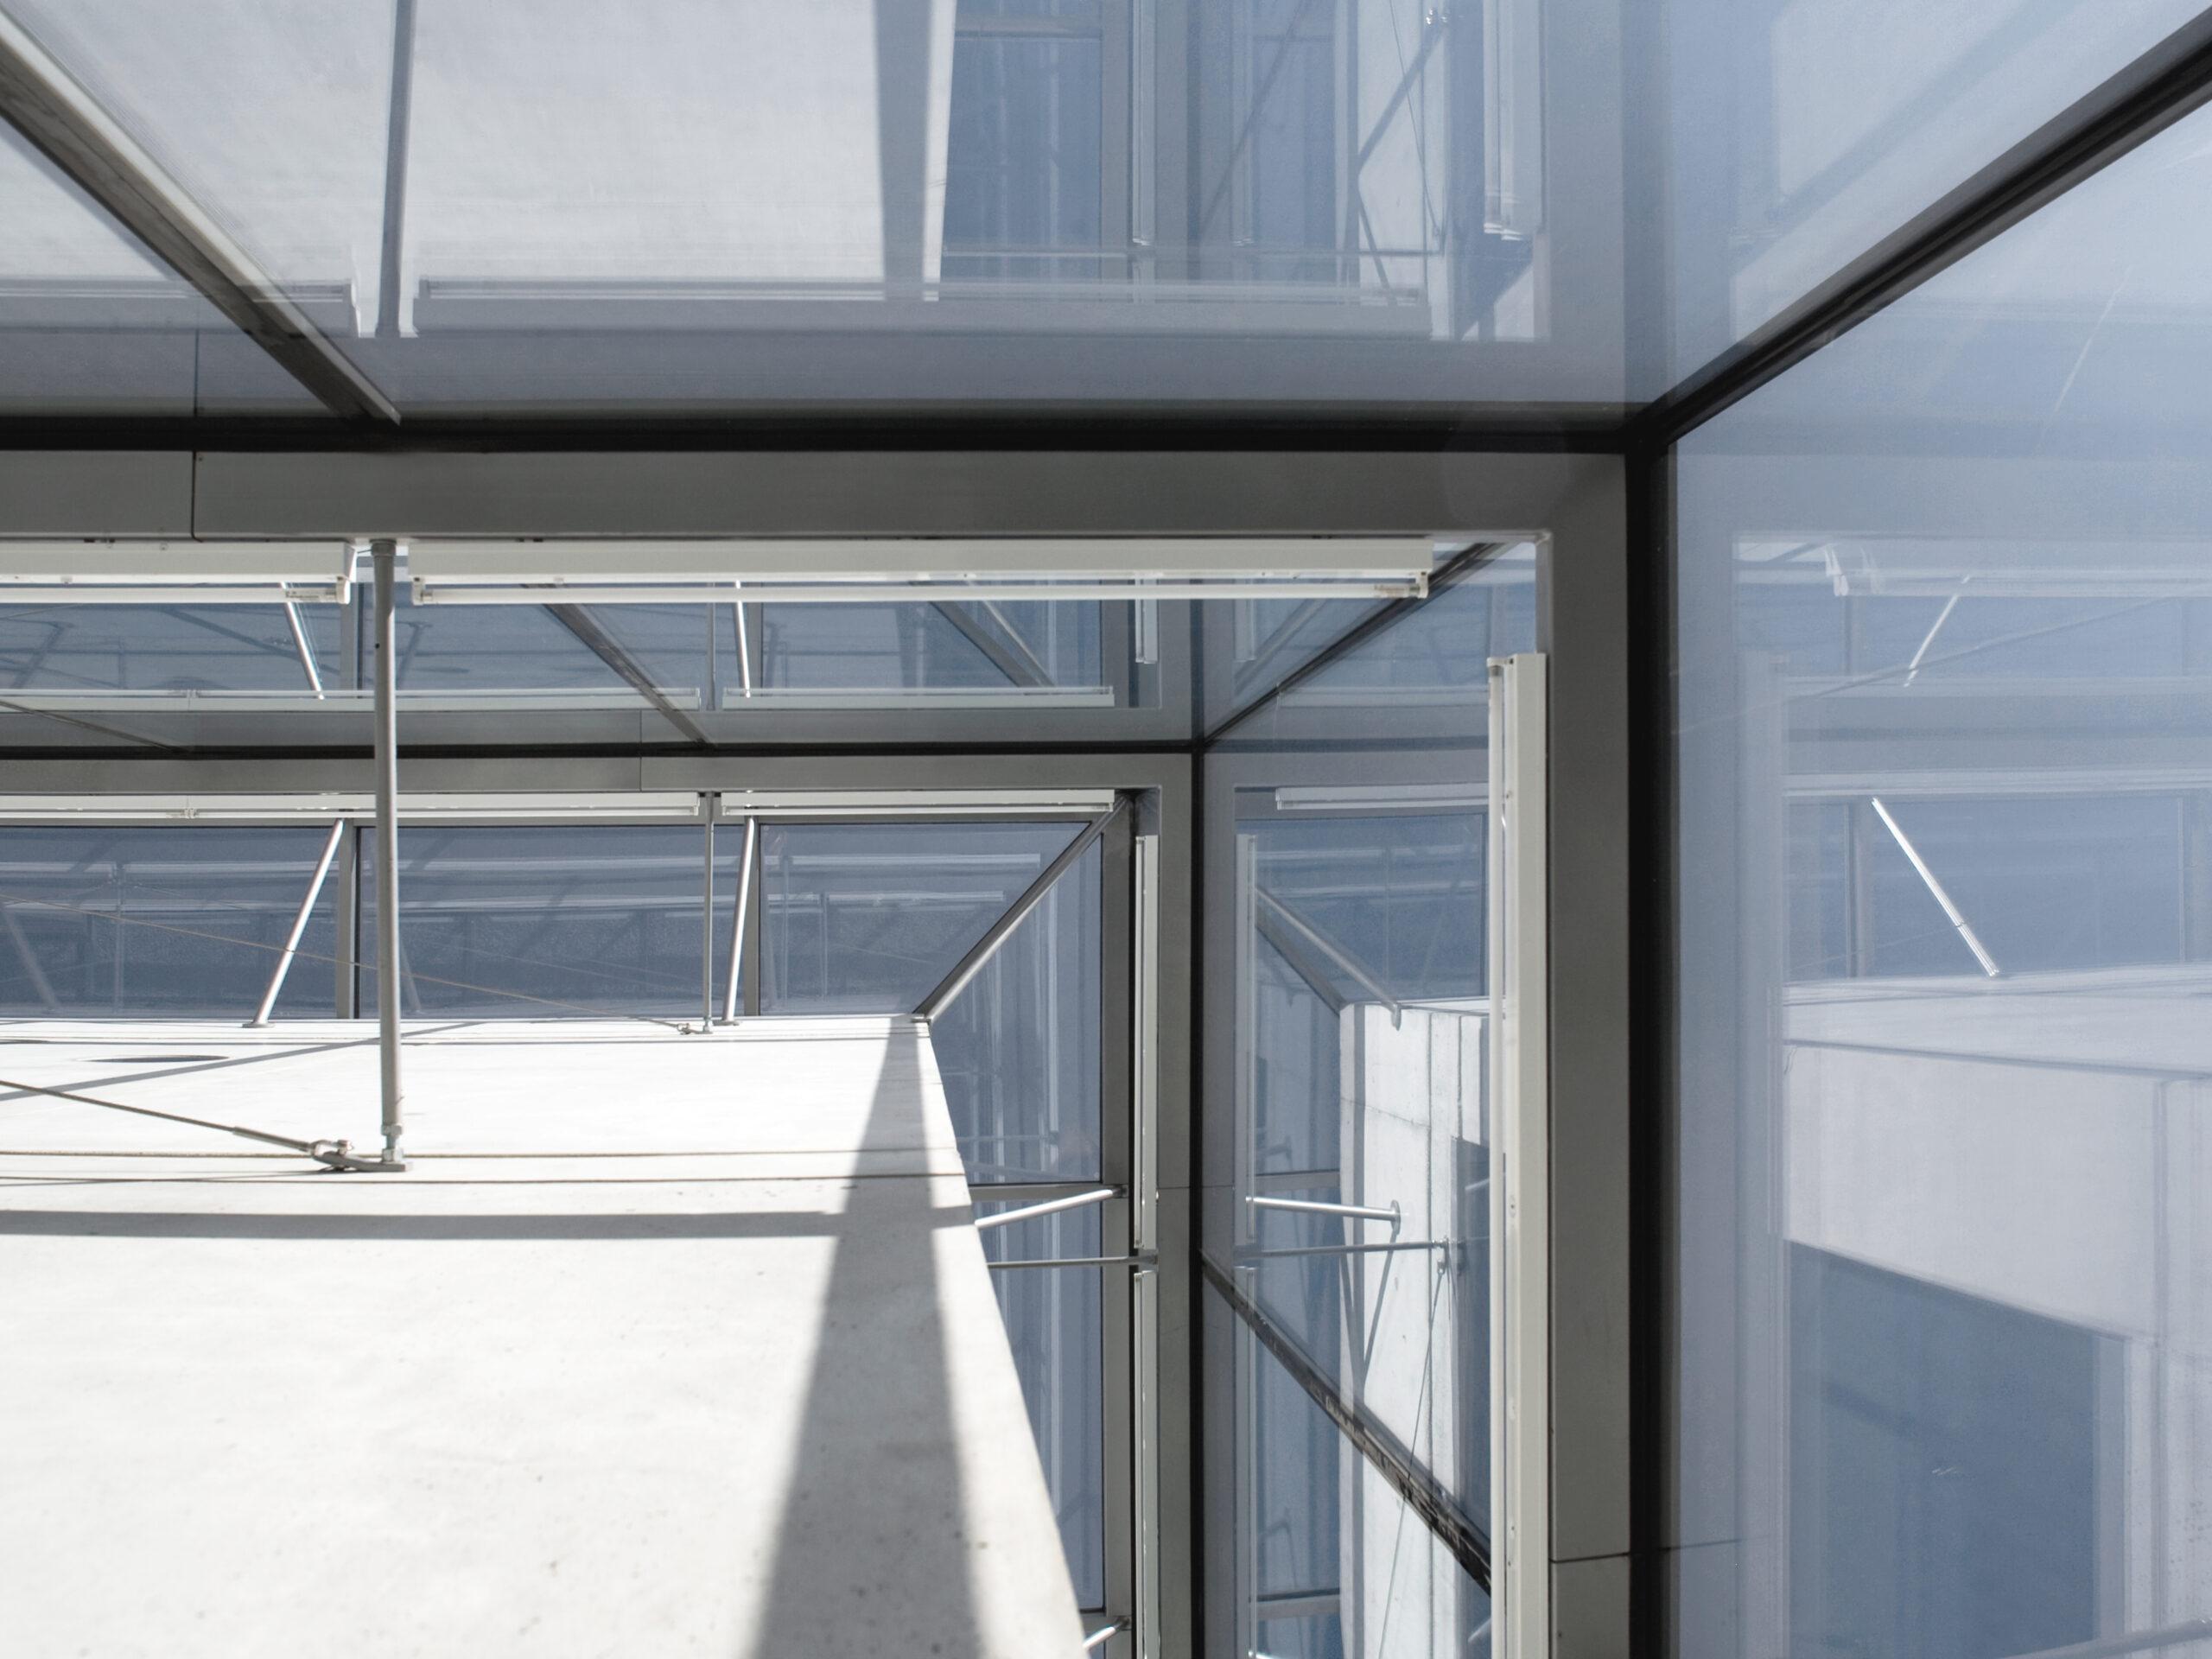 Michael-Becker-Architects-Architekten-Kompetenzzentrum-t-04